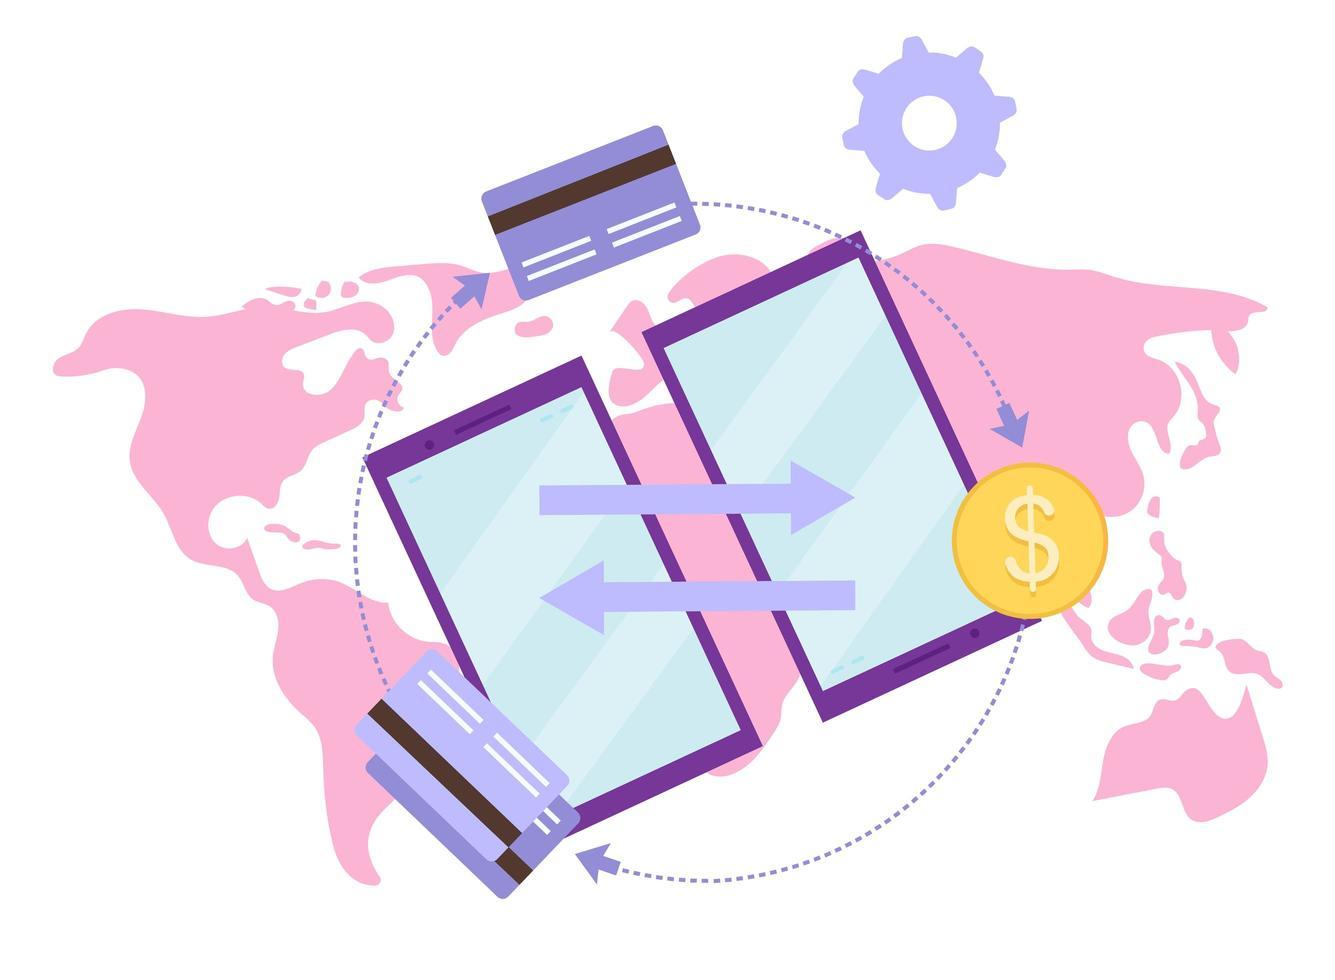 ilustração vetorial plana de sistema de pagamento global vetor